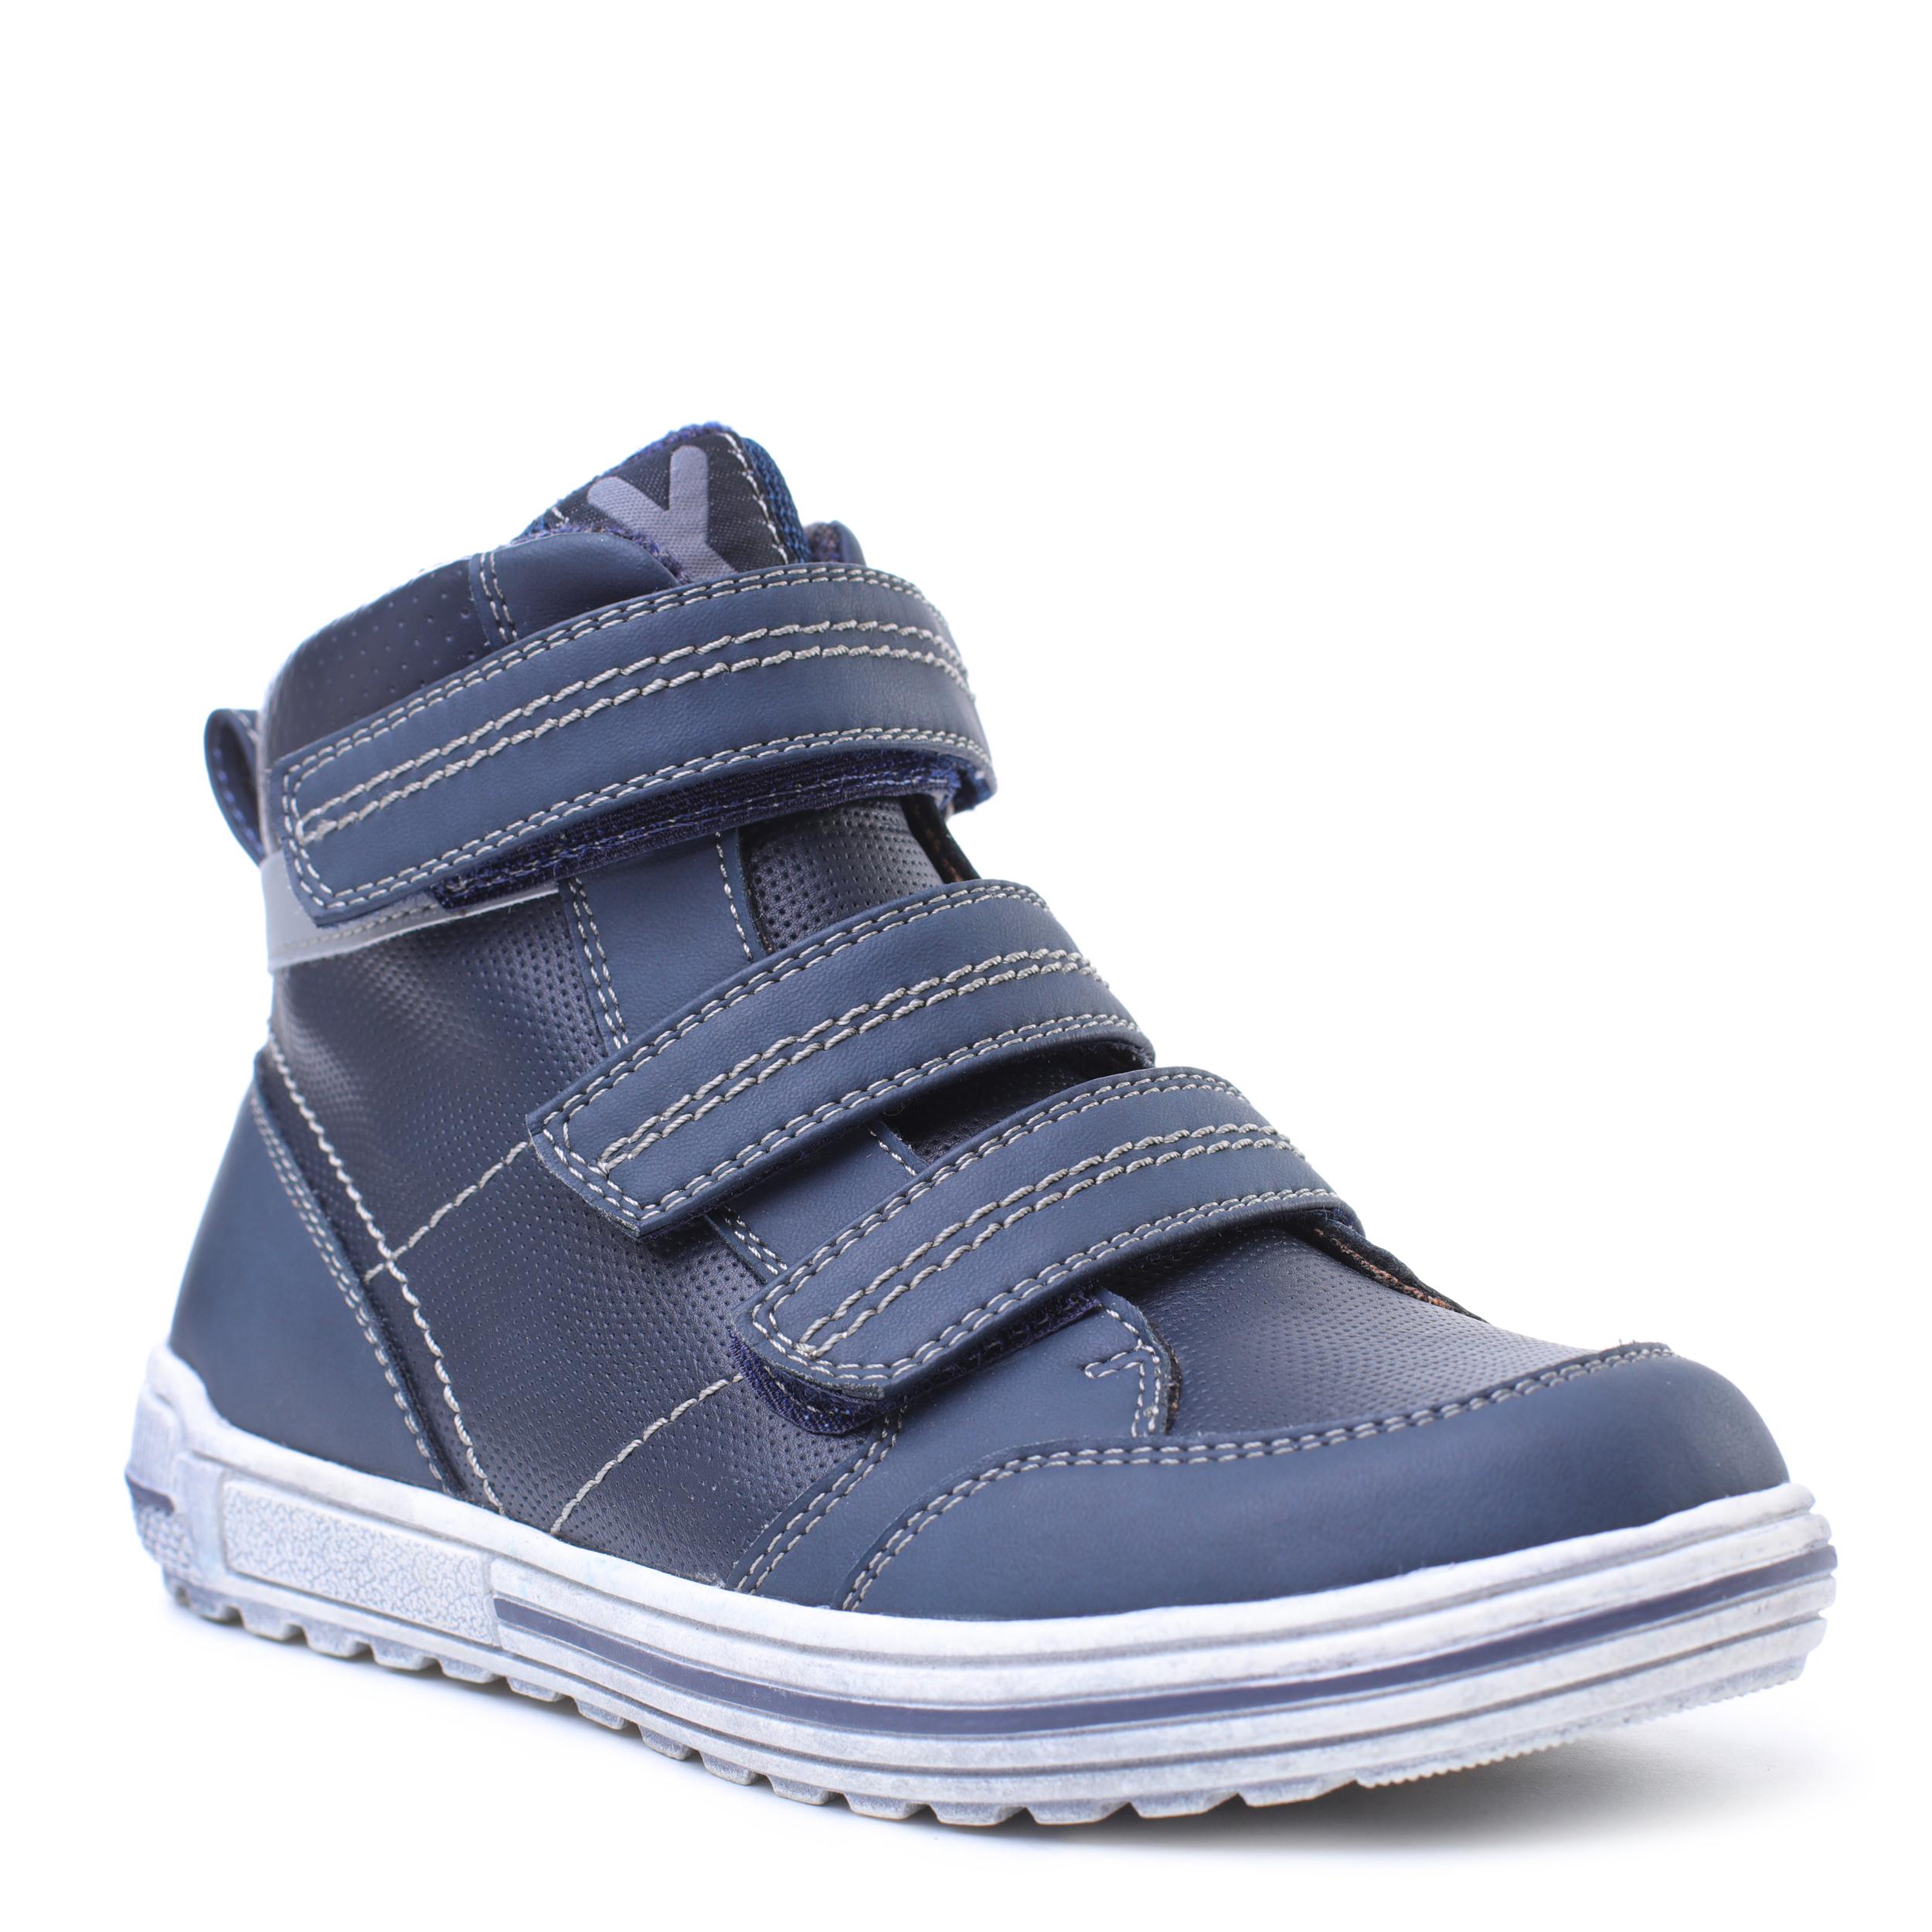 c6e65eb6c 381254 Темно-синие ботинки для мальчика PlayToday - купить на ...